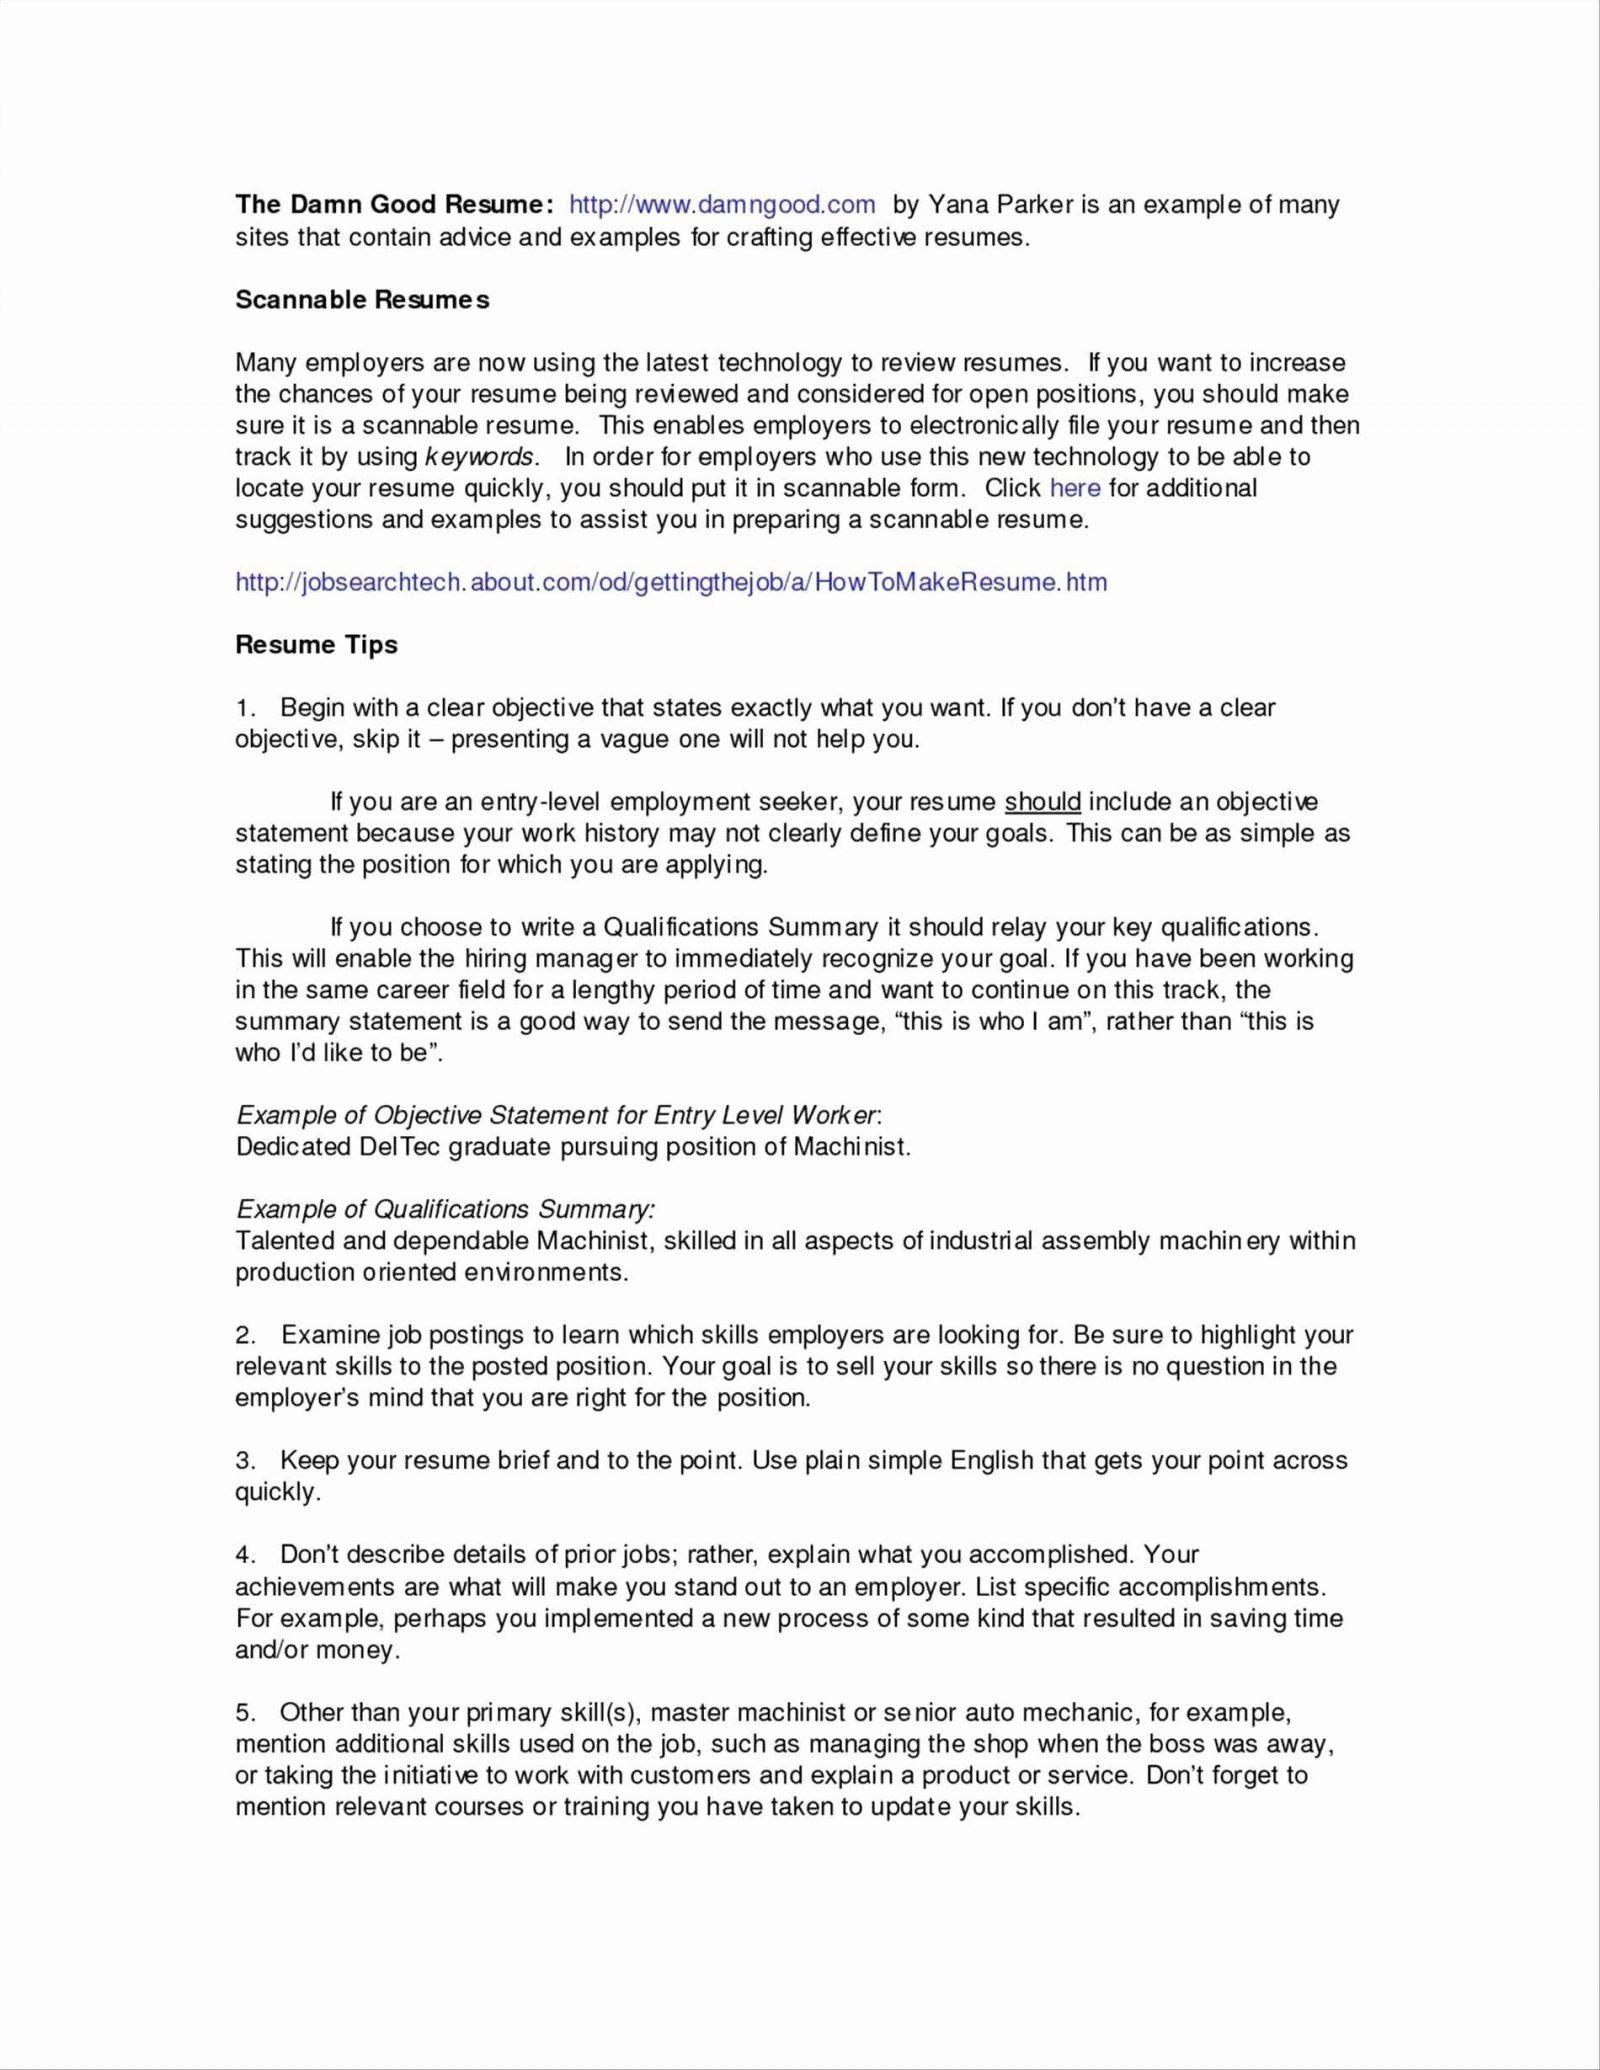 Accounting clerk job description for resume elegant